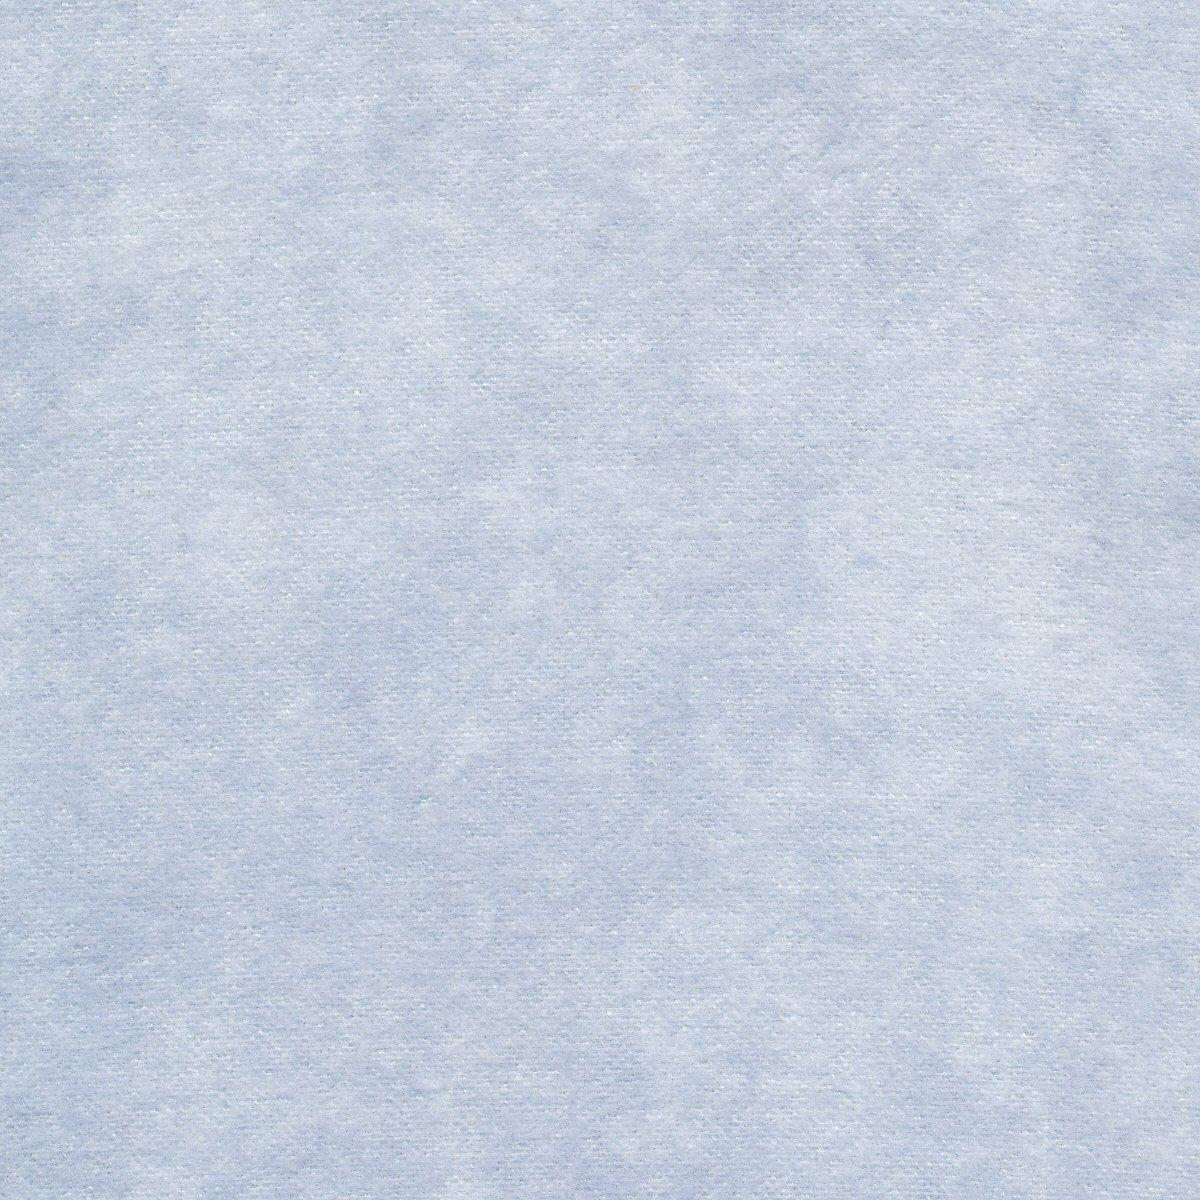 Shadow Play Flannel - Full Bolt - MASF513-B11 - FB